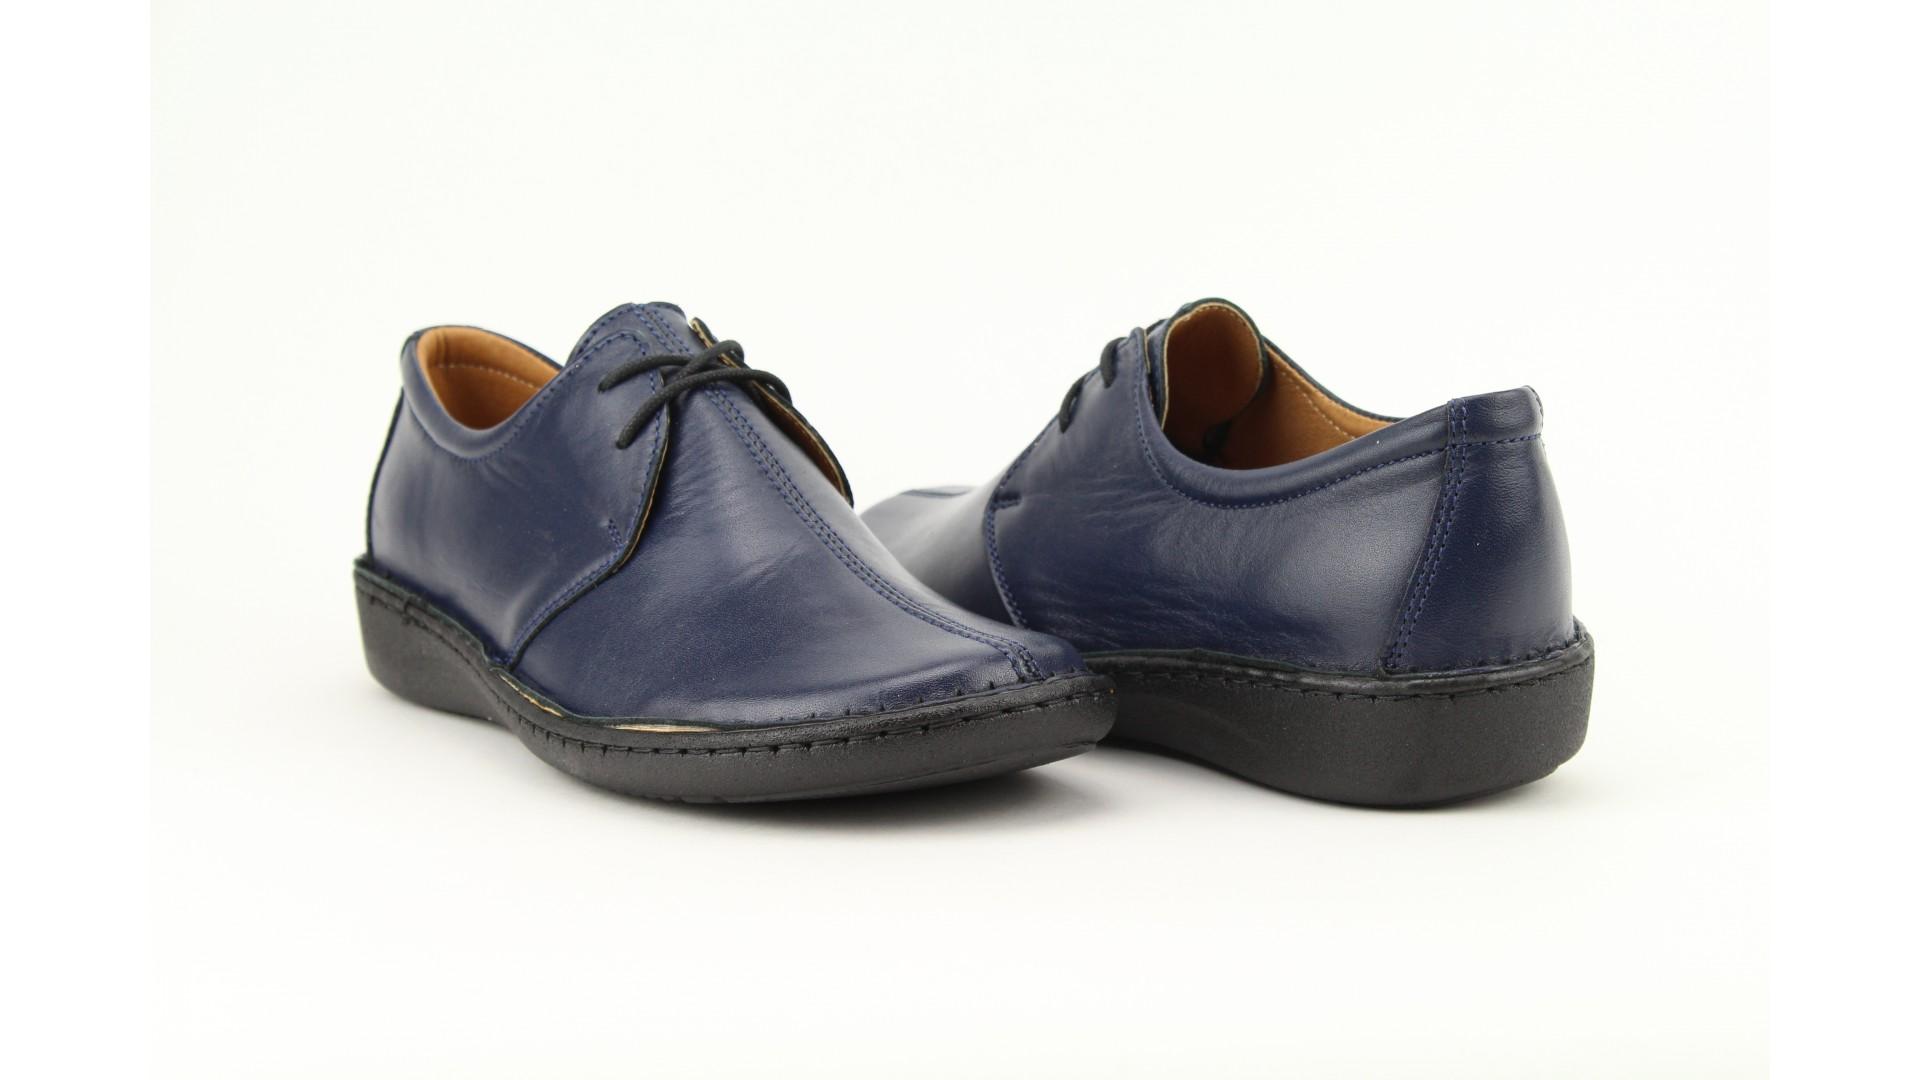 BIOBUT kék női bőr cipő d9a99c5b44